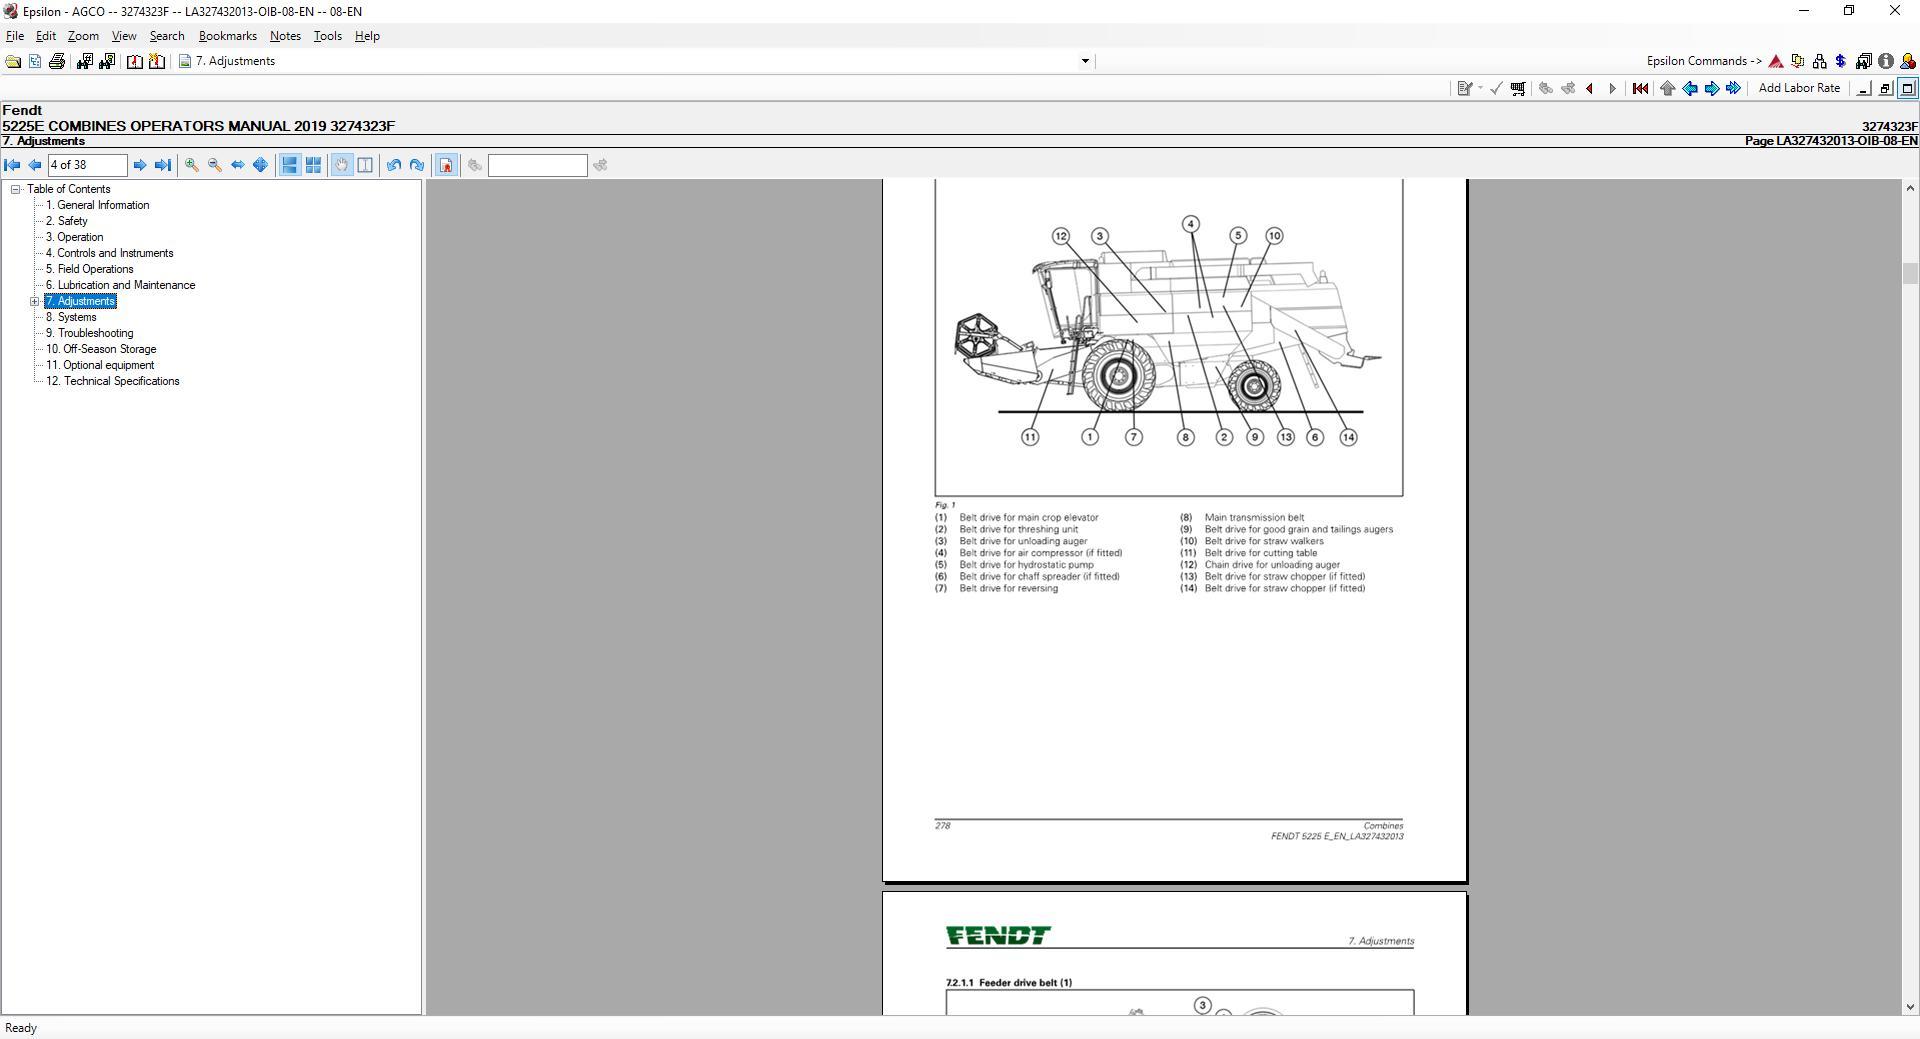 Fendt_AG_Europe_Parts_Catalog_Workshop_Service_Manuals_05201910